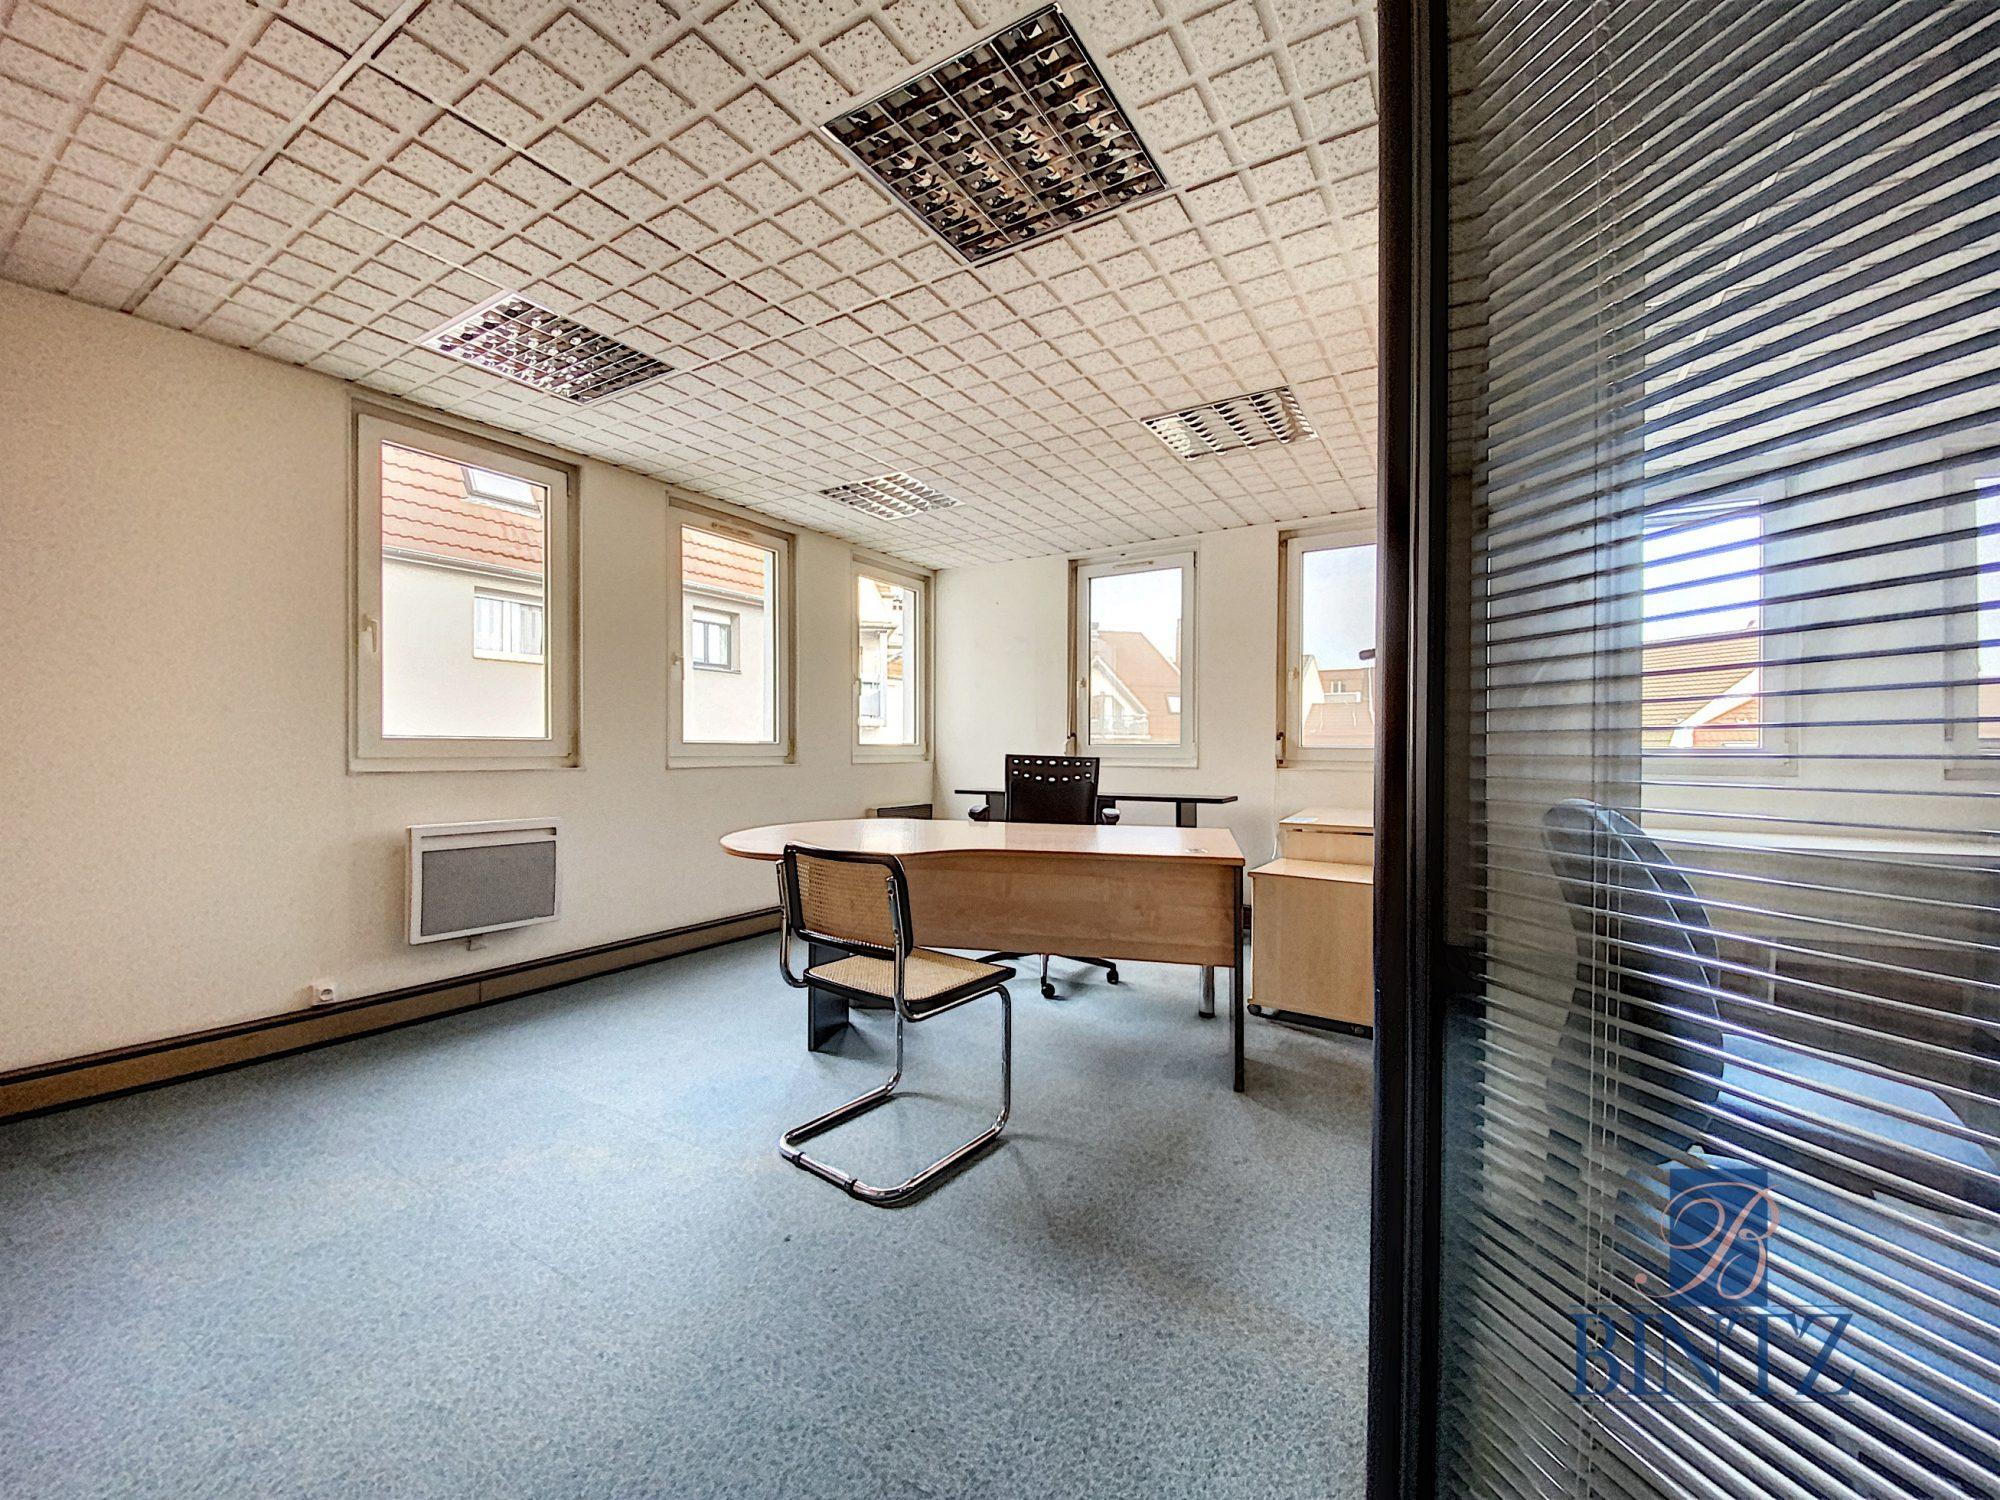 Bureaux à louer – 250m2 Quartier Fisher à Schiltigheim - Devenez locataire en toute sérénité - Bintz Immobilier - 3